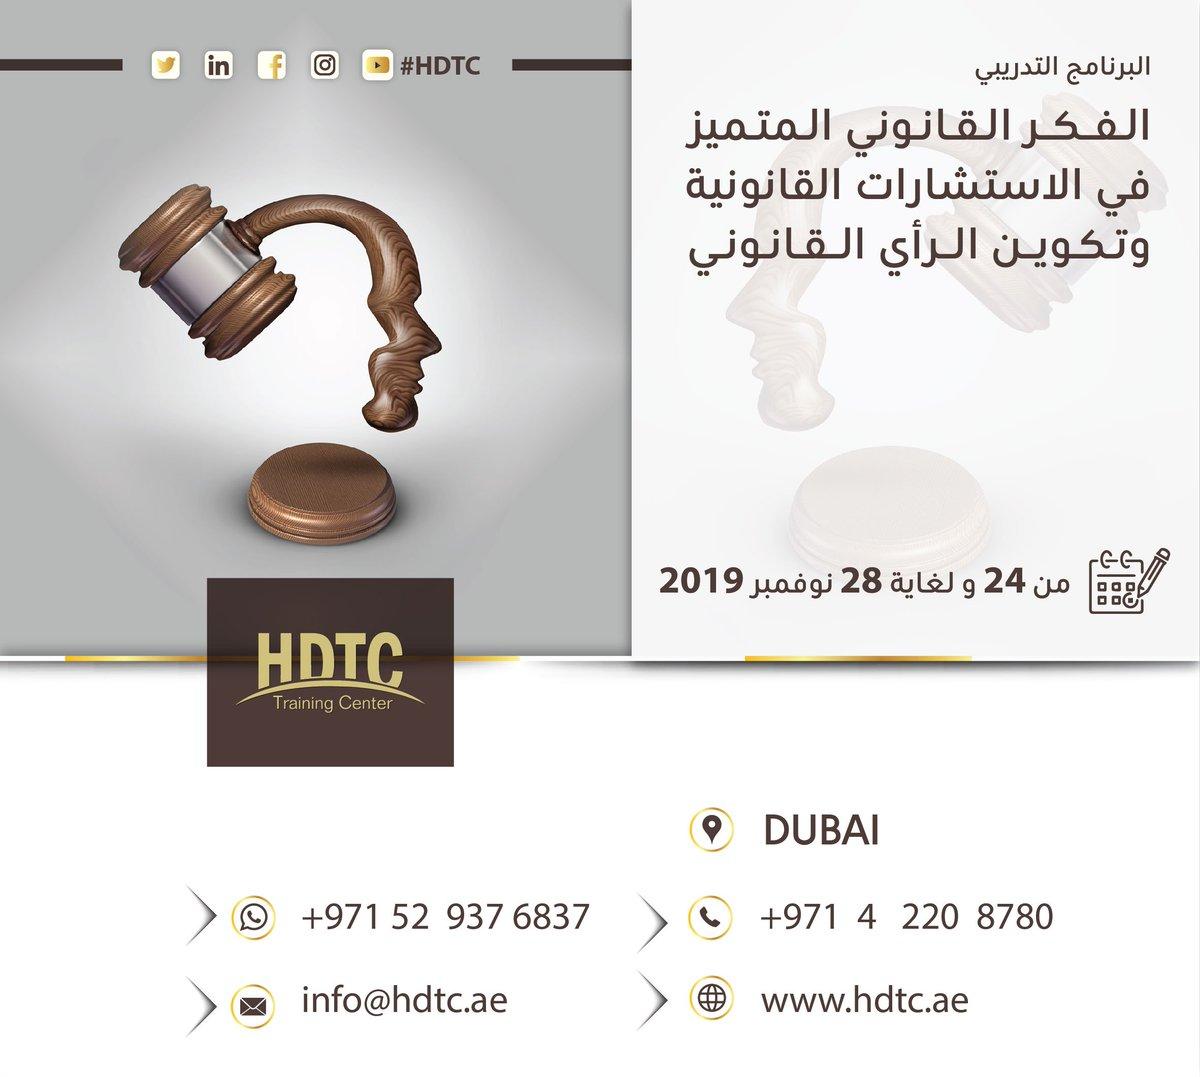 البرنامج التدريبي(الفكر القانوني المتميز في الاستشارات القانونية وتكوين الرأي القانوني)المكان:#دبيالتاريخ  من 24 ولغاية 28 #نوفمبر 2019للاستفسار دبي #HDTC0097142208780واتس آب 00971529376837http://hdtc.ae#3D #HR #إدارة #استشارات_قانونية #قانوني #فكر_قانوني#قيادة